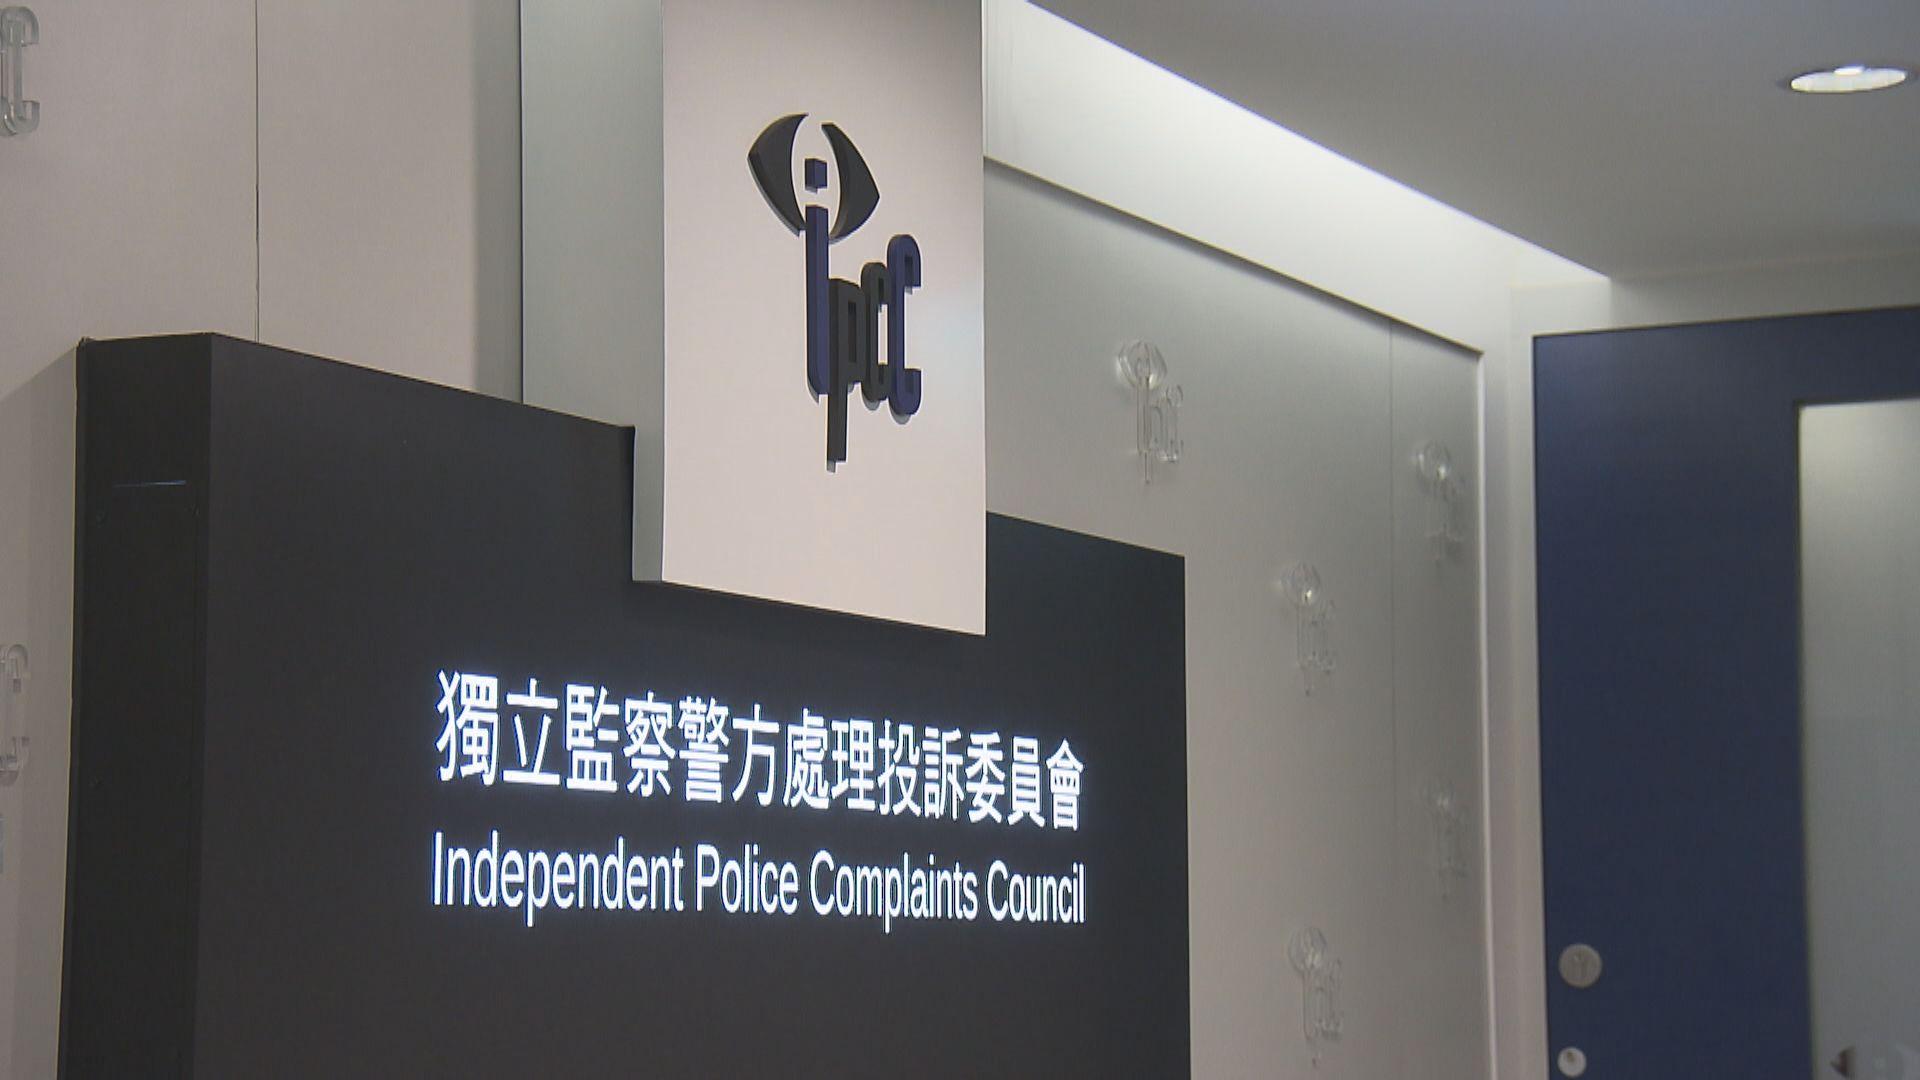 監警會:首階段報告審慎考慮國際專家建議